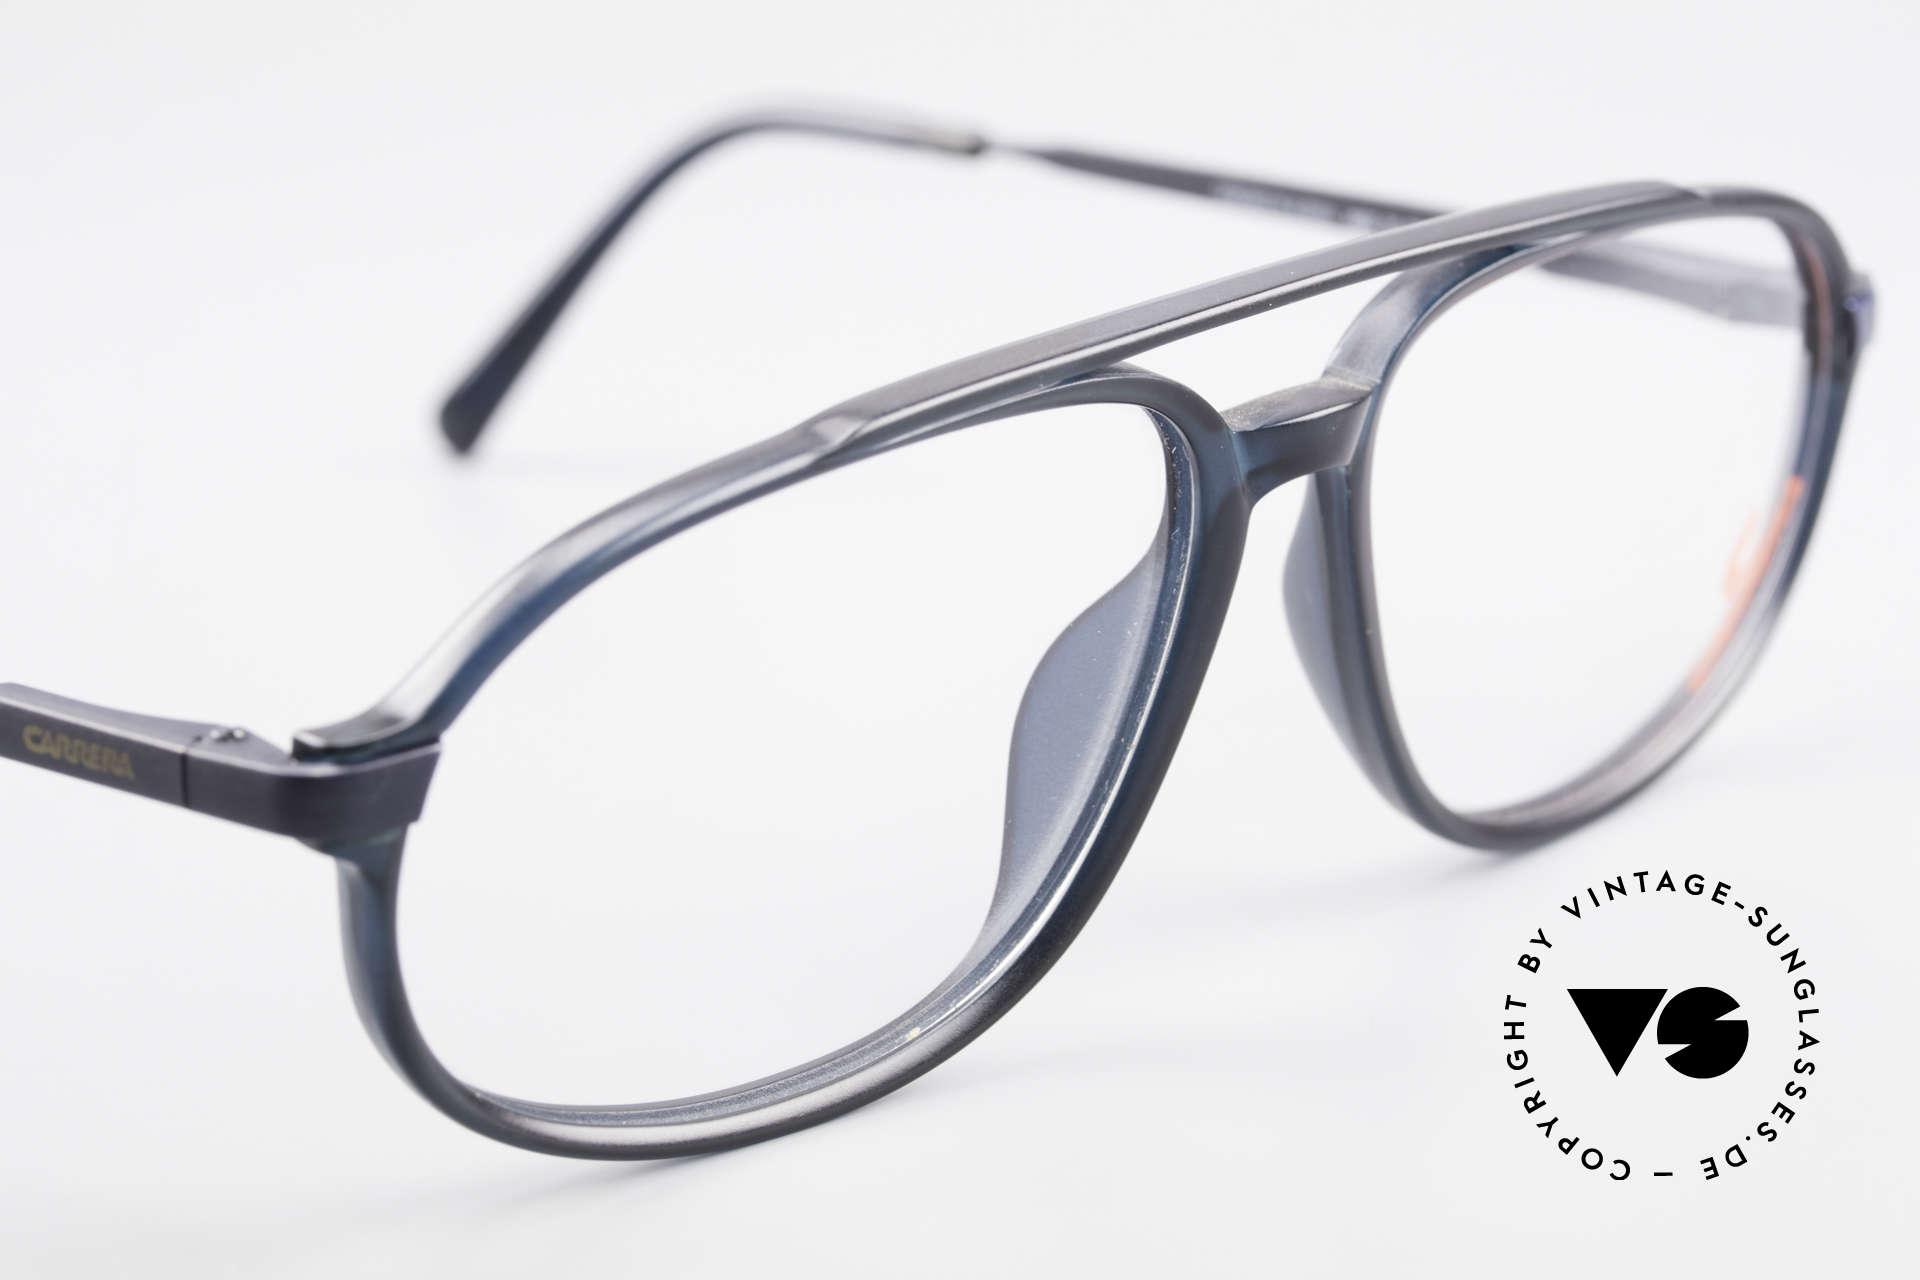 Carrera 4900 90er Vintage Brille No Retro, KEINE RETRO-Fassung; ein 20 Jahre altes ORIGINAL, Passend für Herren